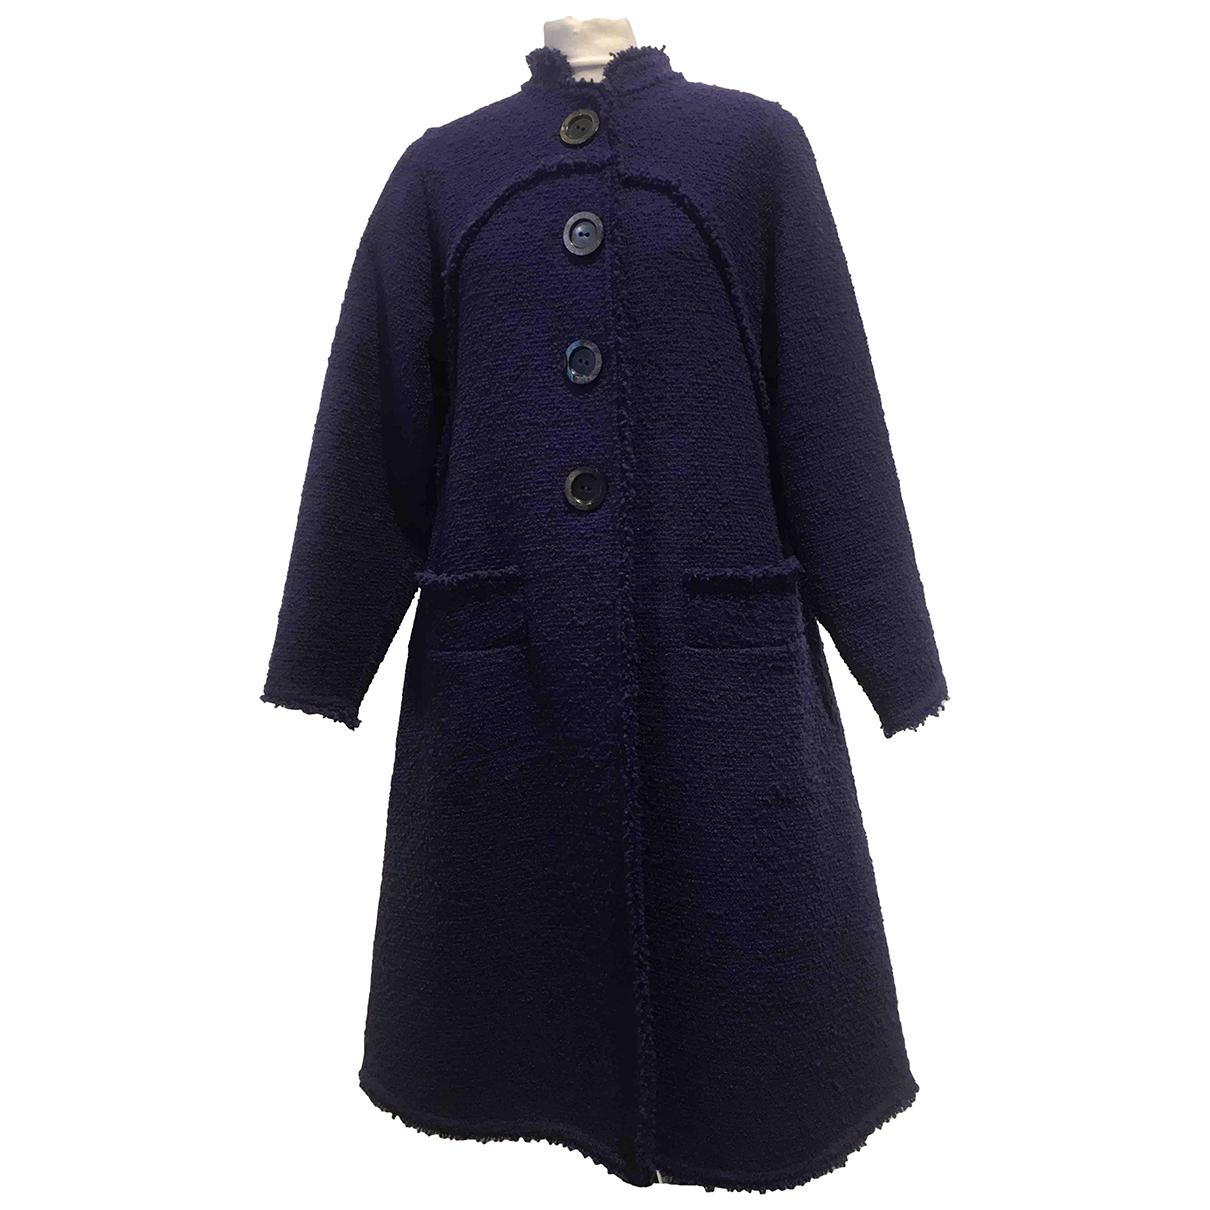 Oscar De La Renta N Purple Wool coat for Women 4 0-5